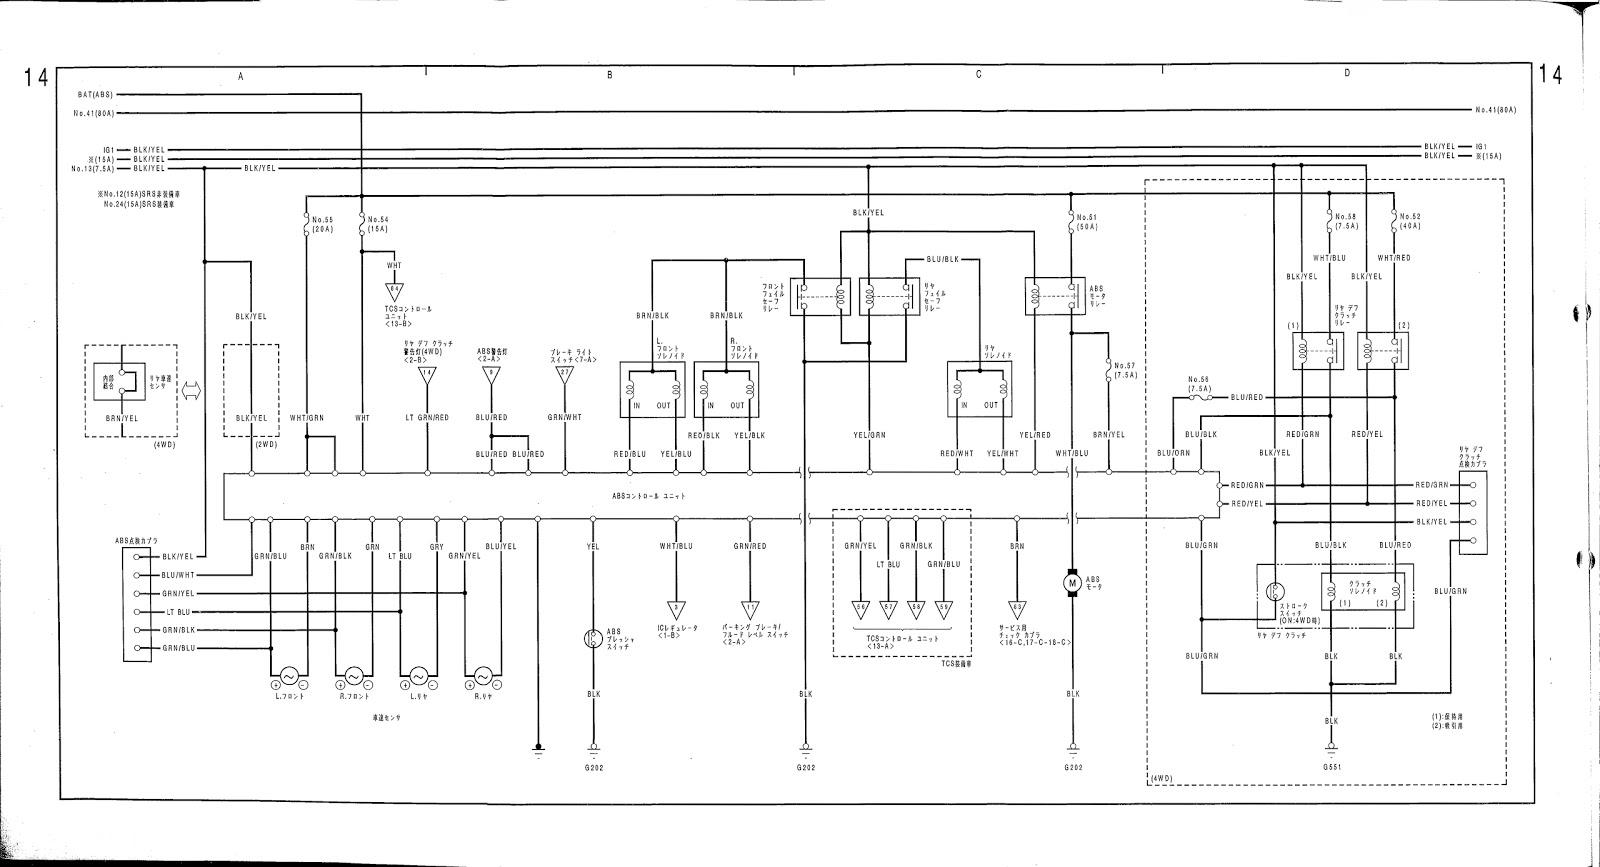 Kenwood Kdc 448u Wiring Diagram Kd R Model X595 Speaker Bt848u Images For